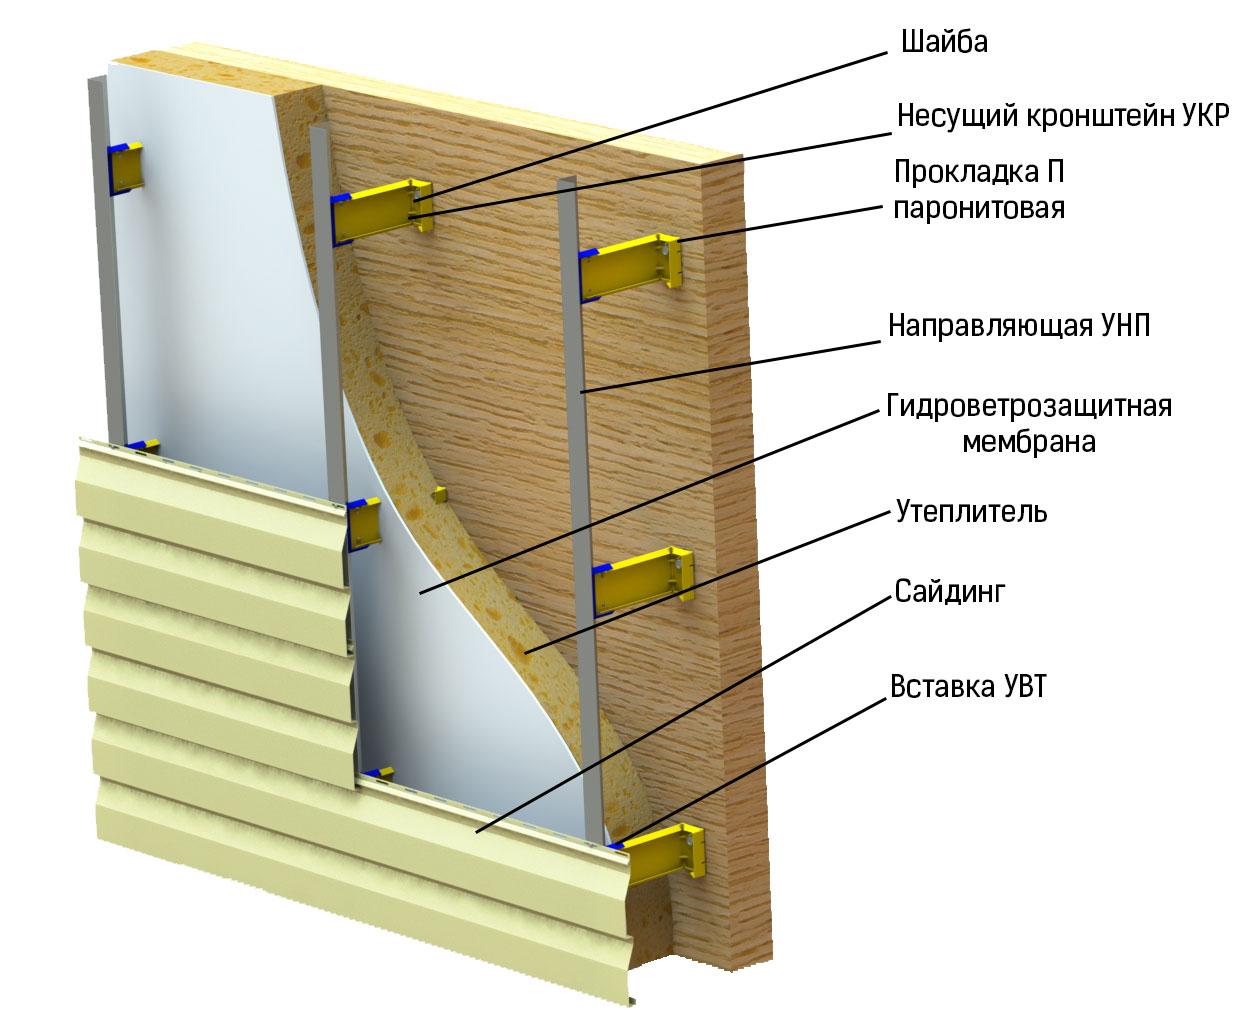 Утепление фасада дома снаружи сайдингом: выбор материала и монтаж